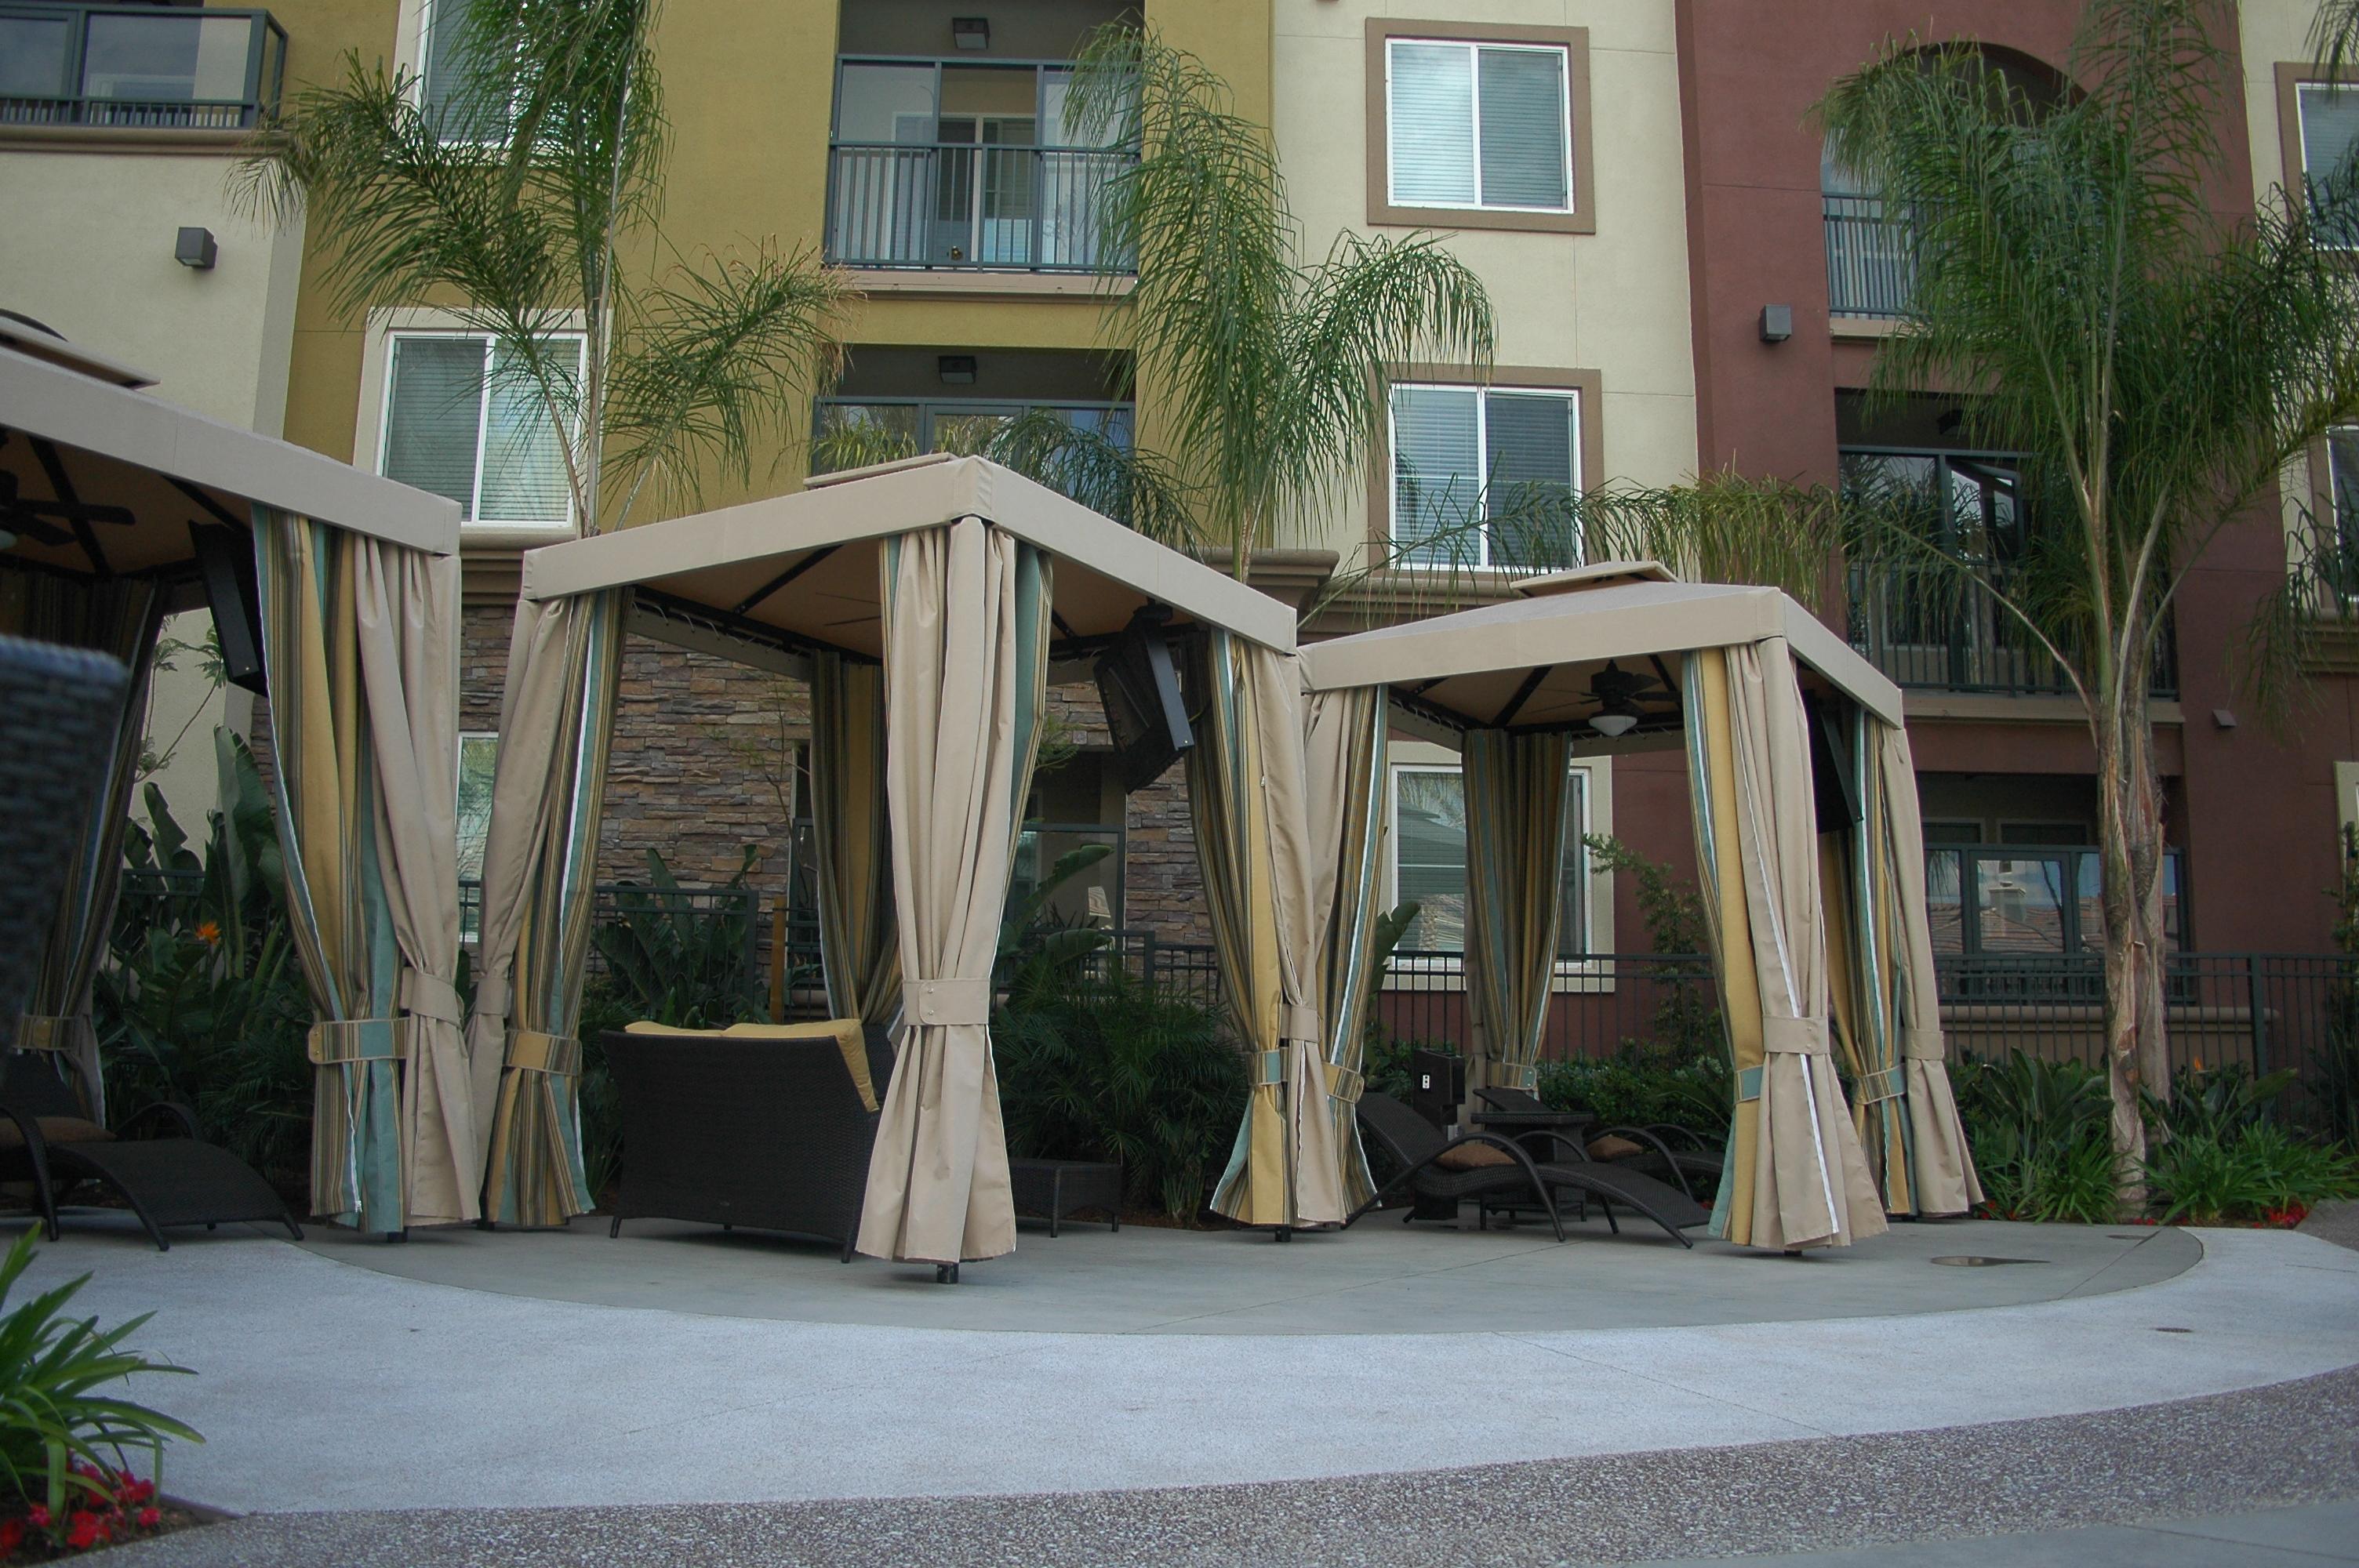 The Cancun Cabana Resort Cabanas